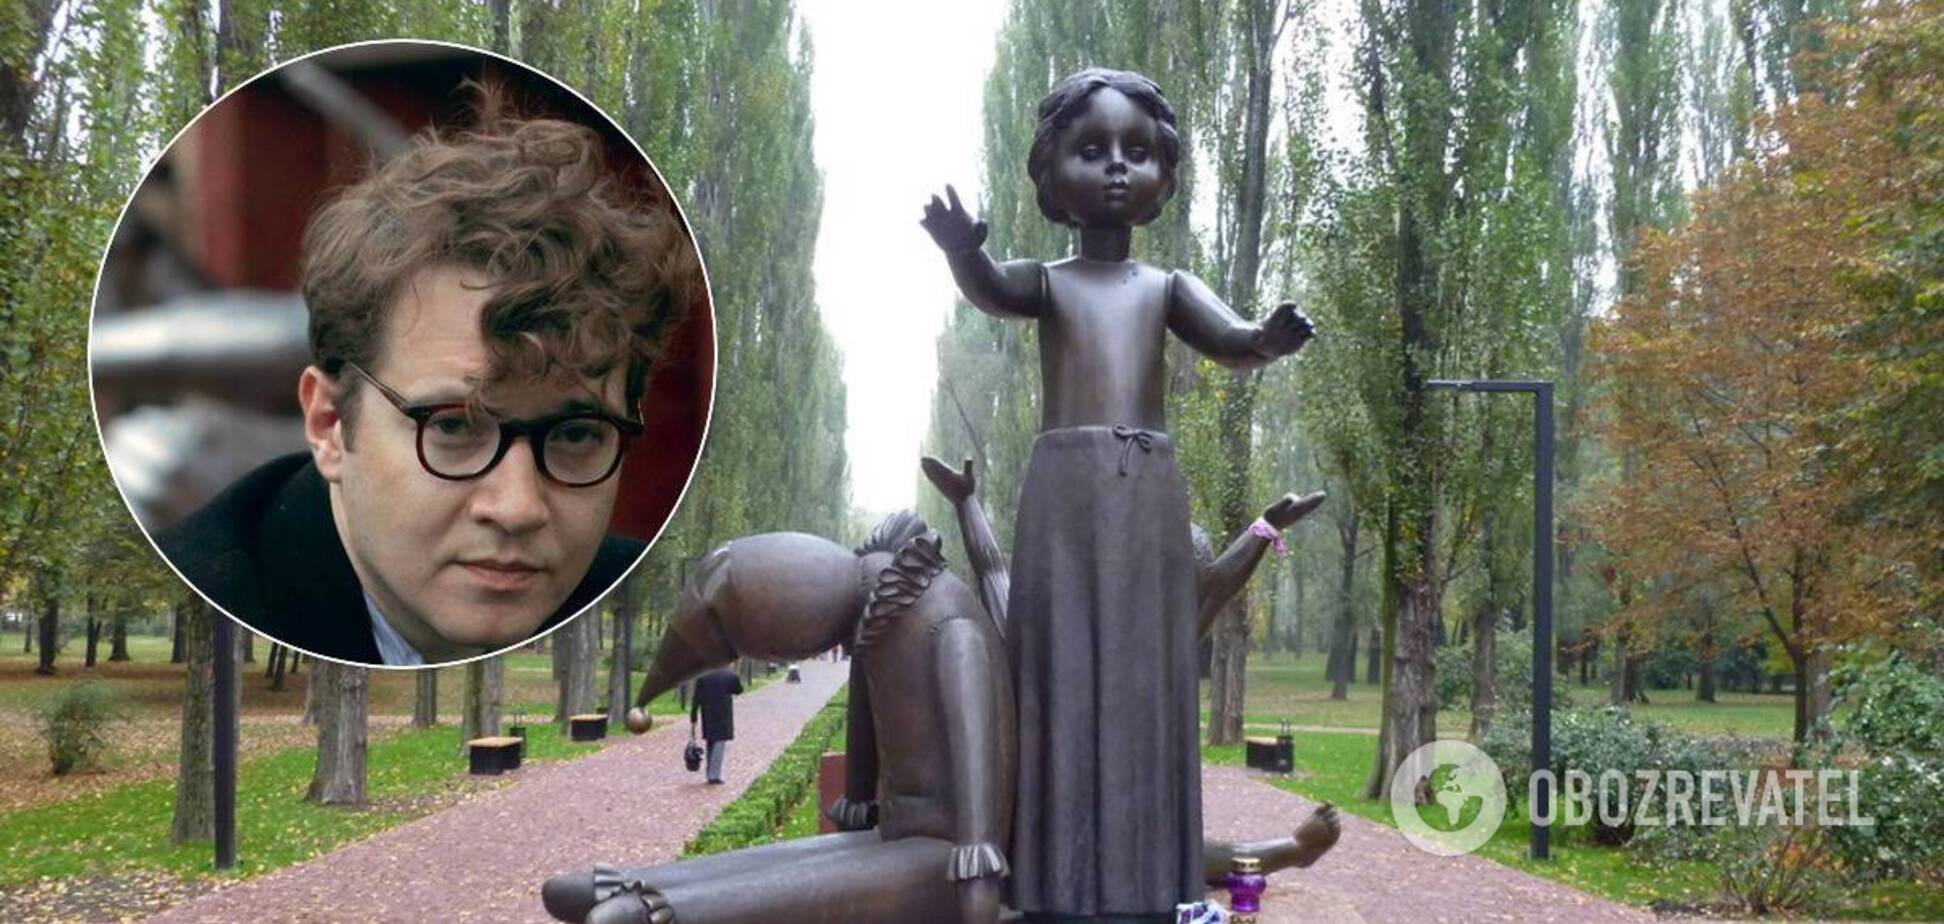 Le Monde: 'Бабин Яр' – проєкт меморіалу, що викликав розбрат в Україні